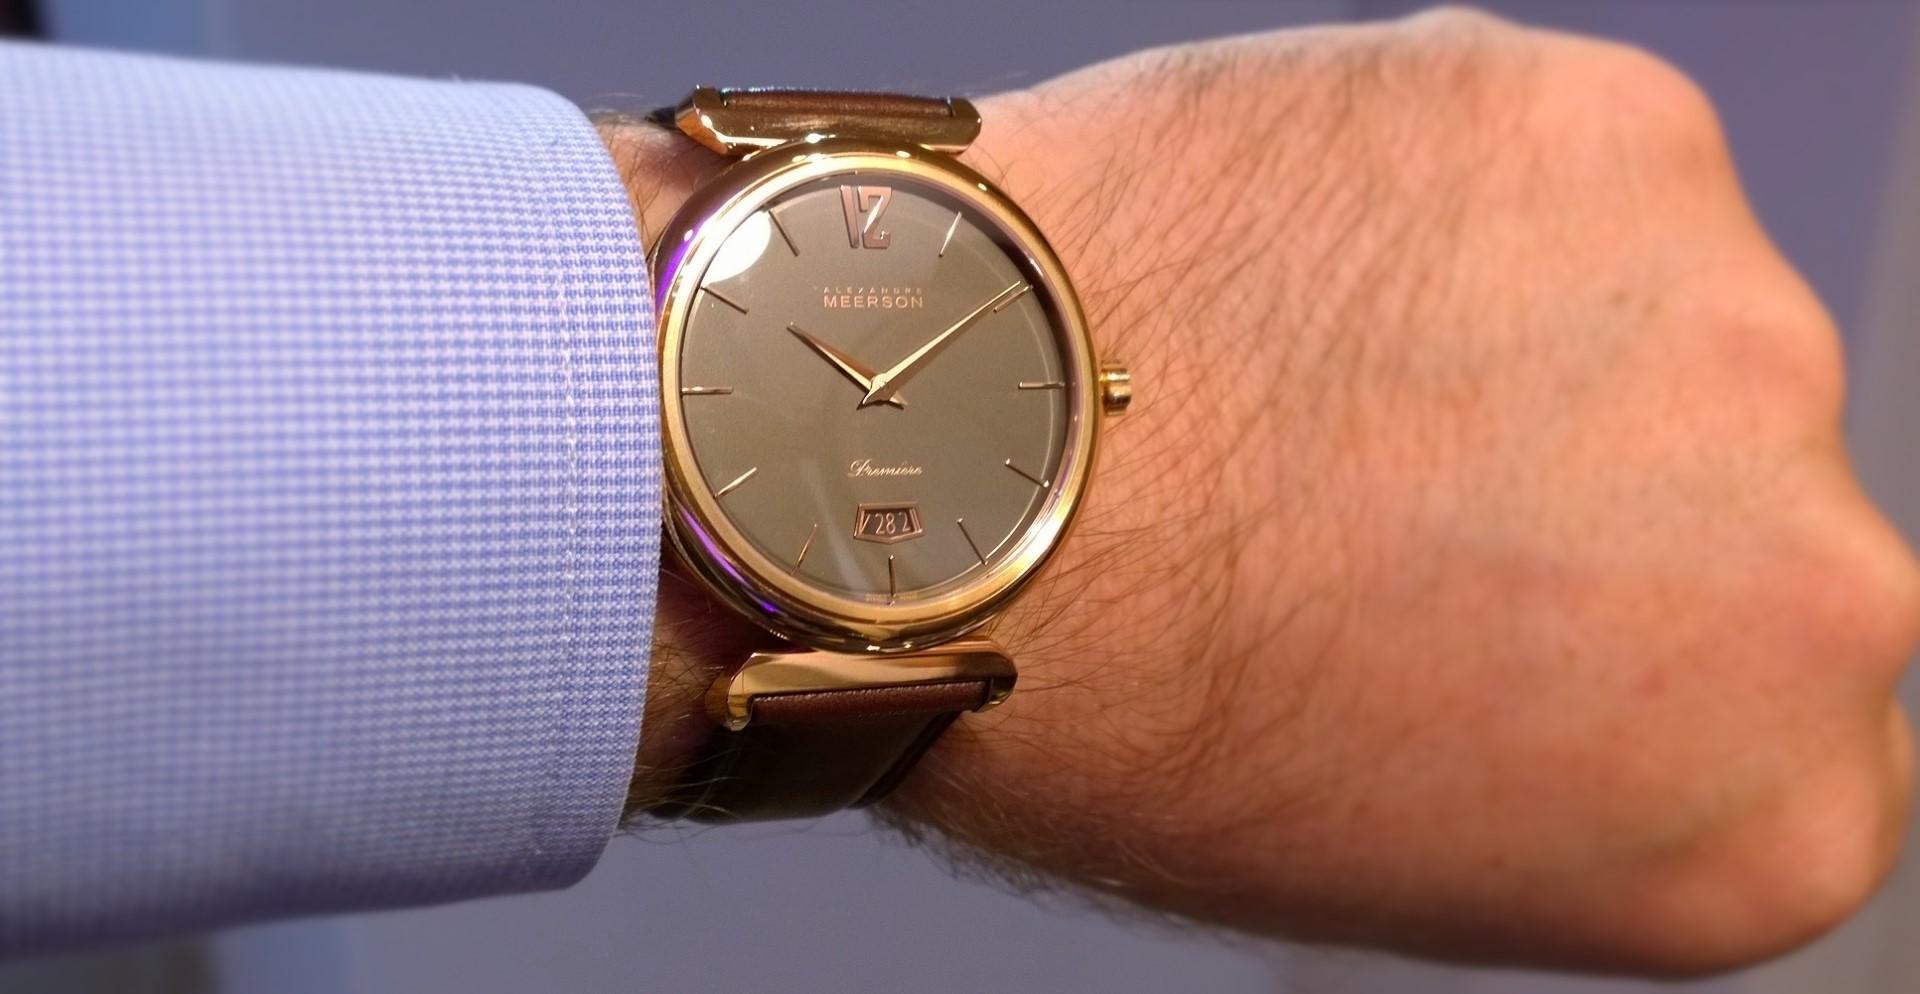 Alexander Meerson Altitude Première Date en oro rosa y esfera antracita